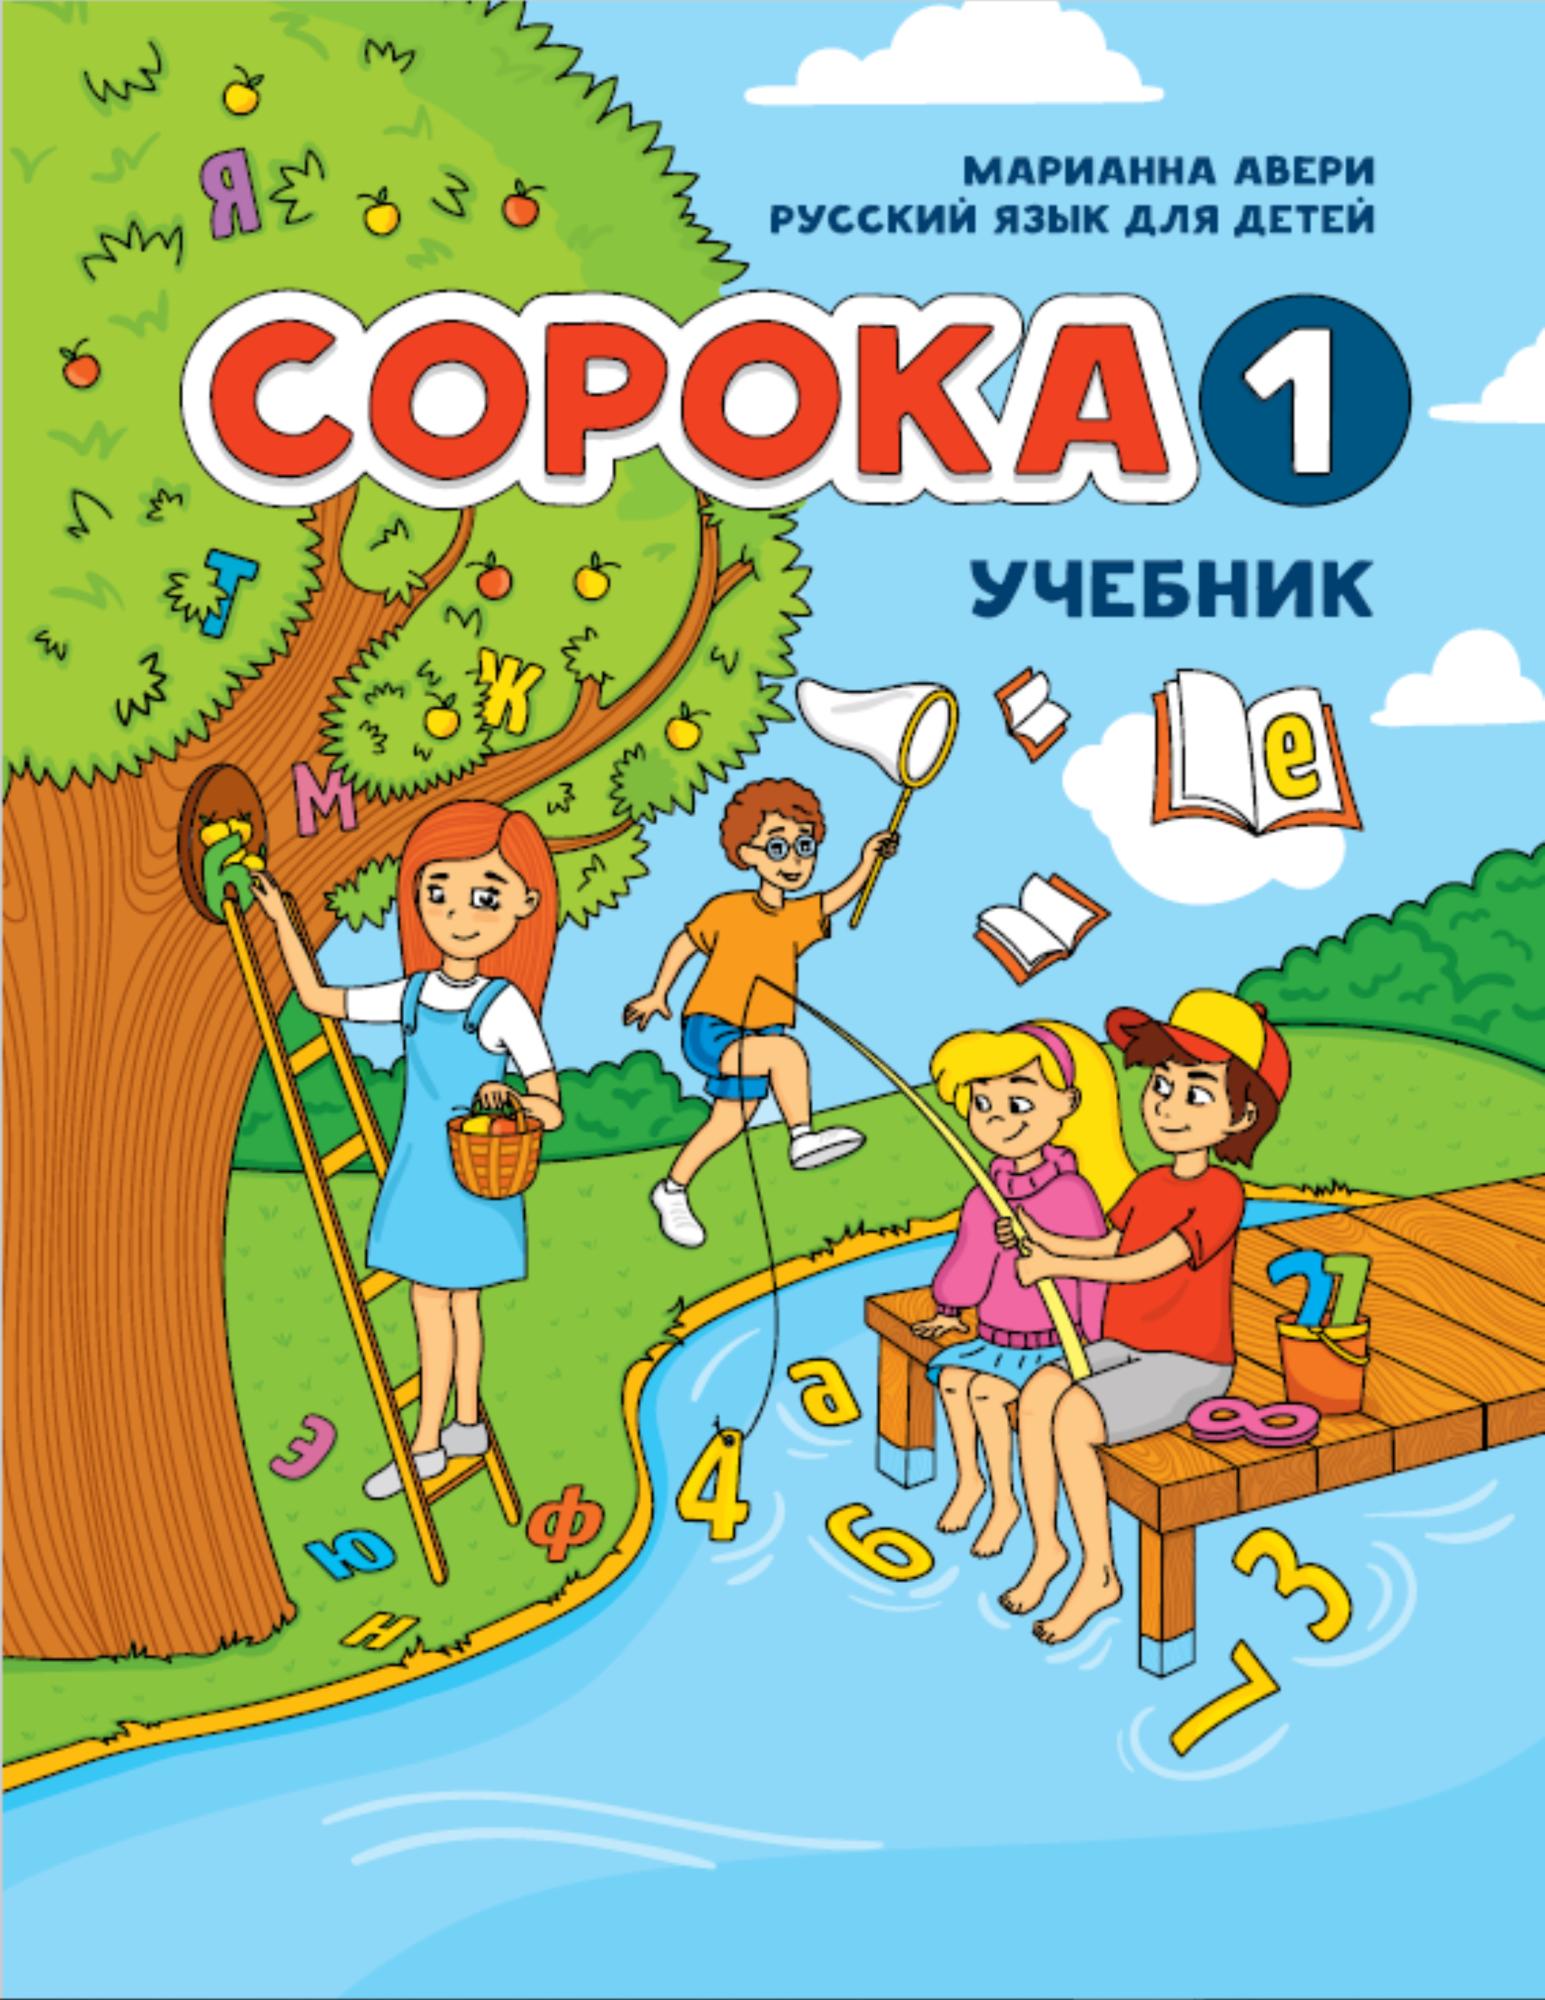 """https://sorokam.com/catalog/soroka-1-uchebnik Курс """"Сорока. Русский язык для детей"""" рассчитан на детей 7-9 лет, впервые приступивших к изучению русского языка. Этот курс может быть использован для детей - носителей любых языков."""